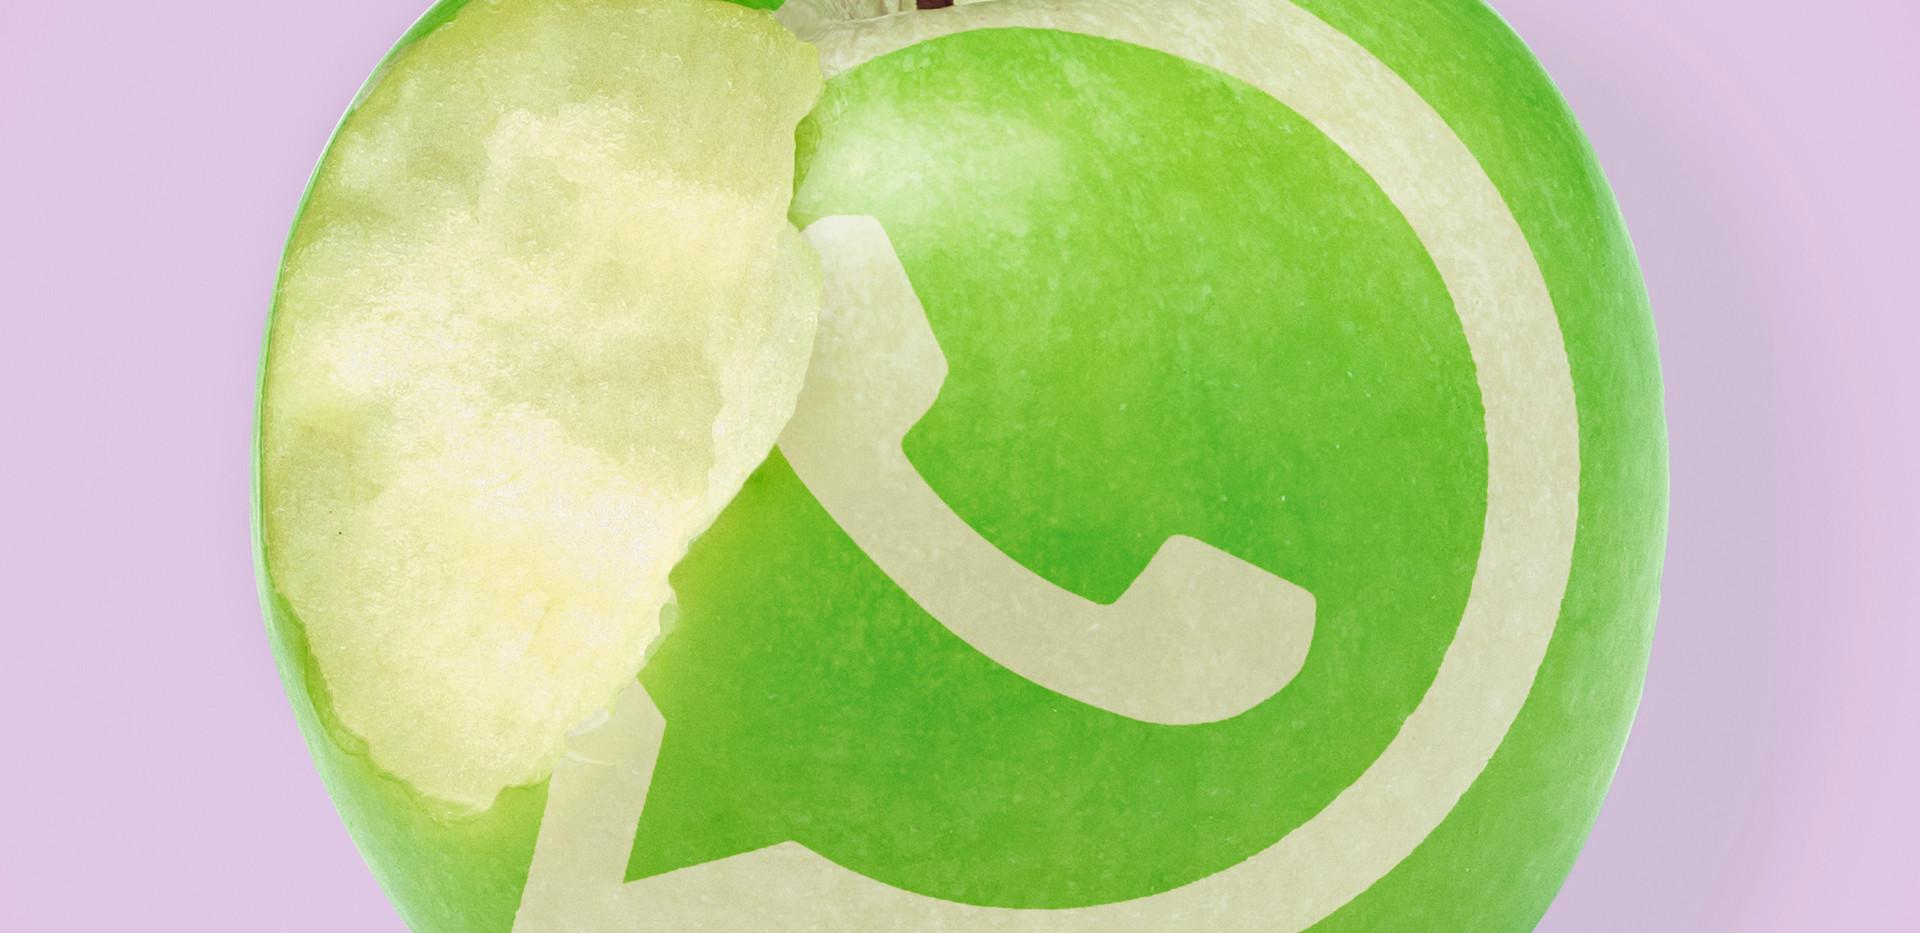 WhatsApp bite.jpg